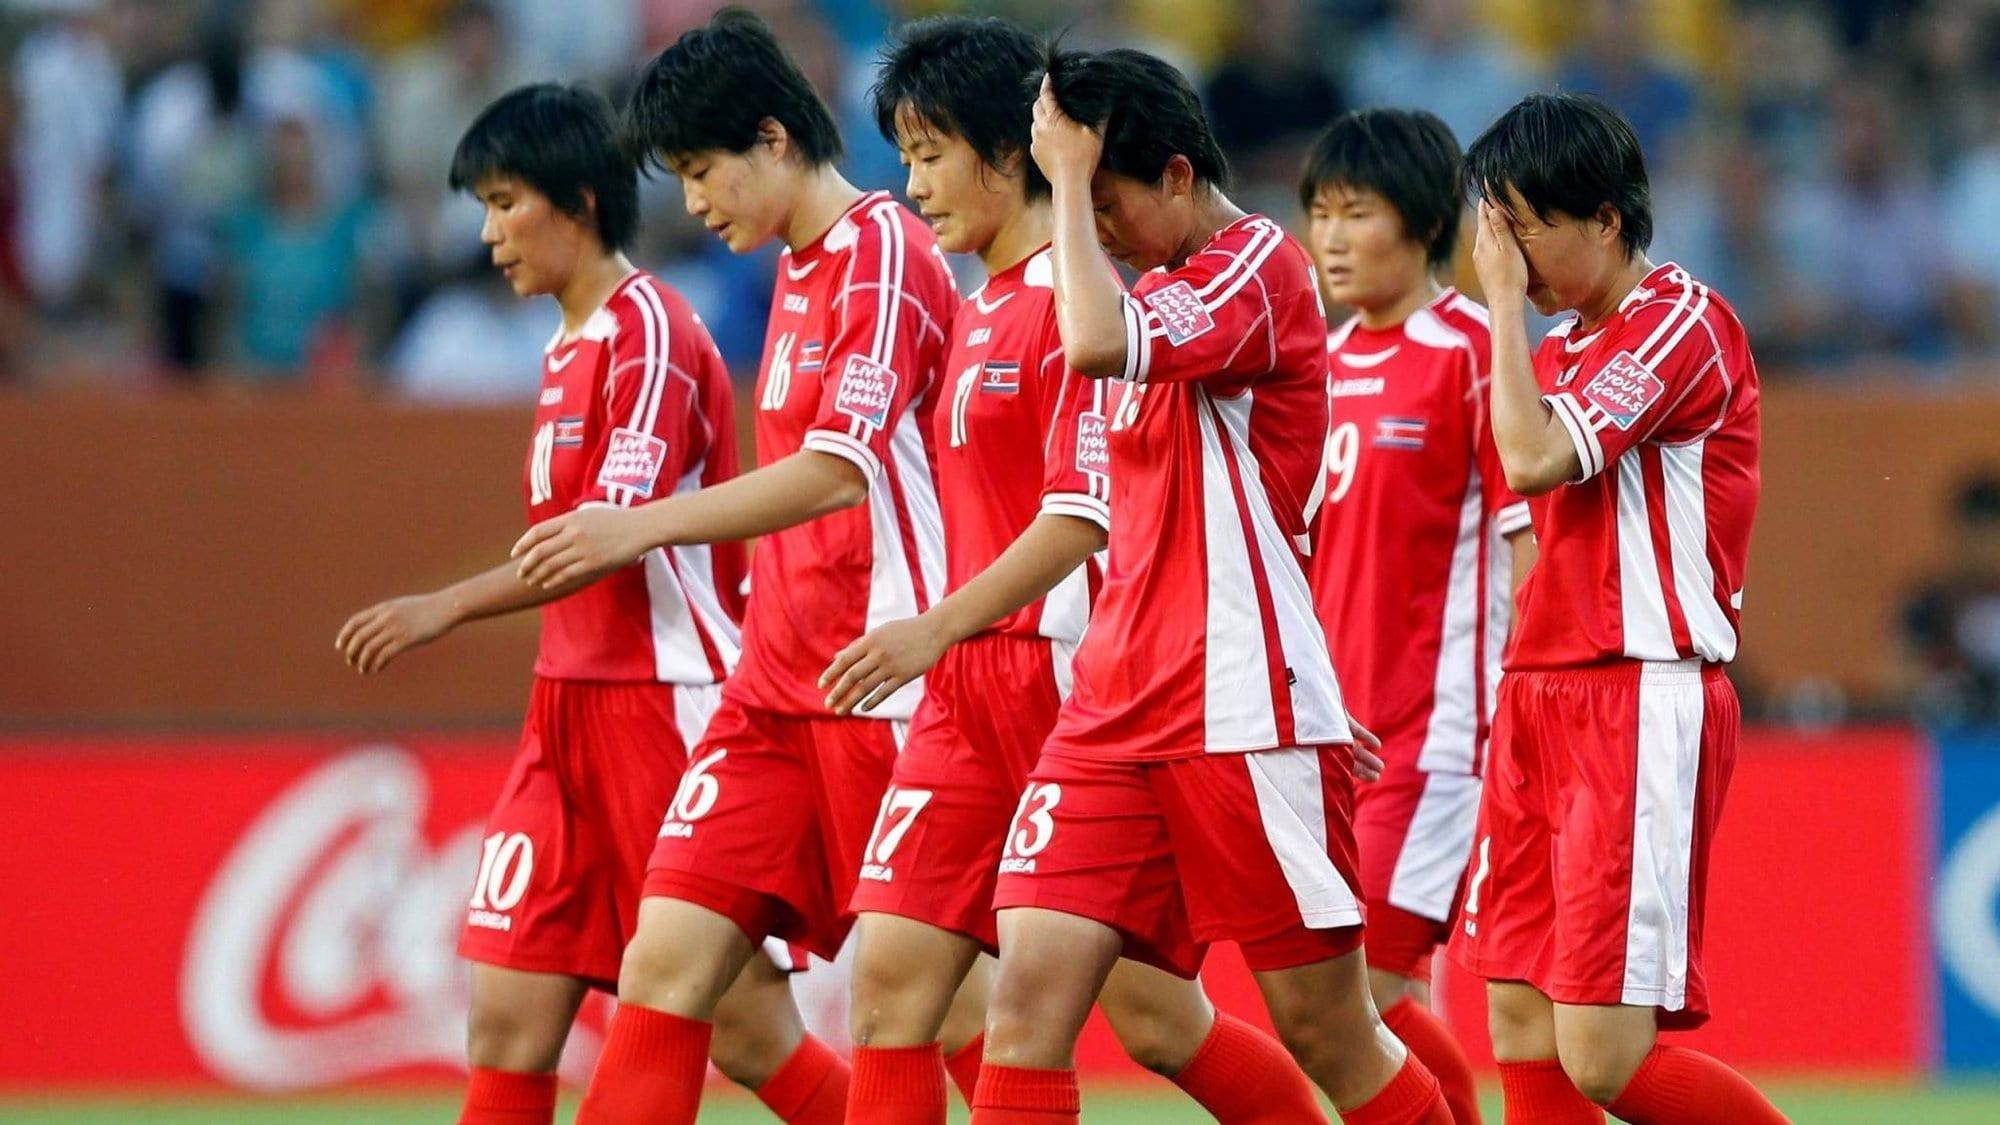 منتخب كوريا الشمالية لكرة القدم